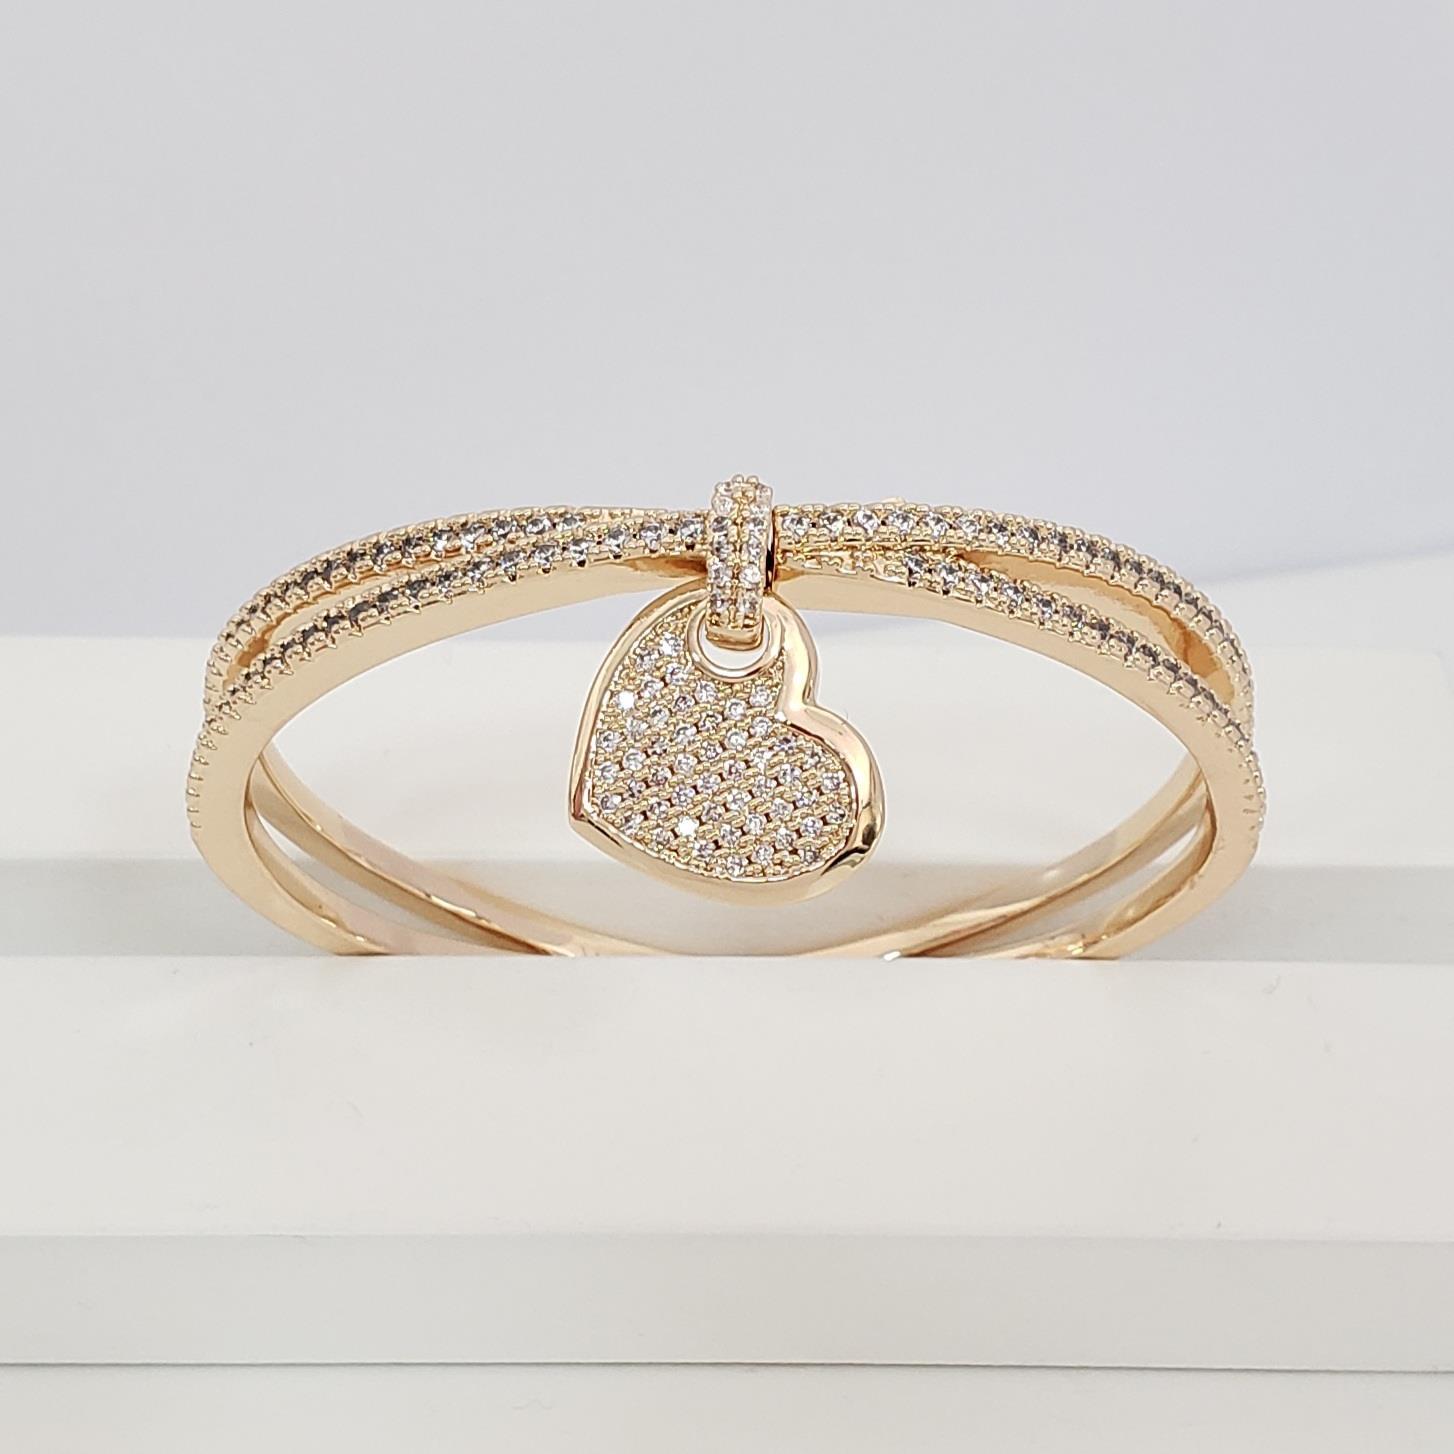 Bracelete Transpassado Zircônia com Coração no Banho Ouro 18k Semijoia